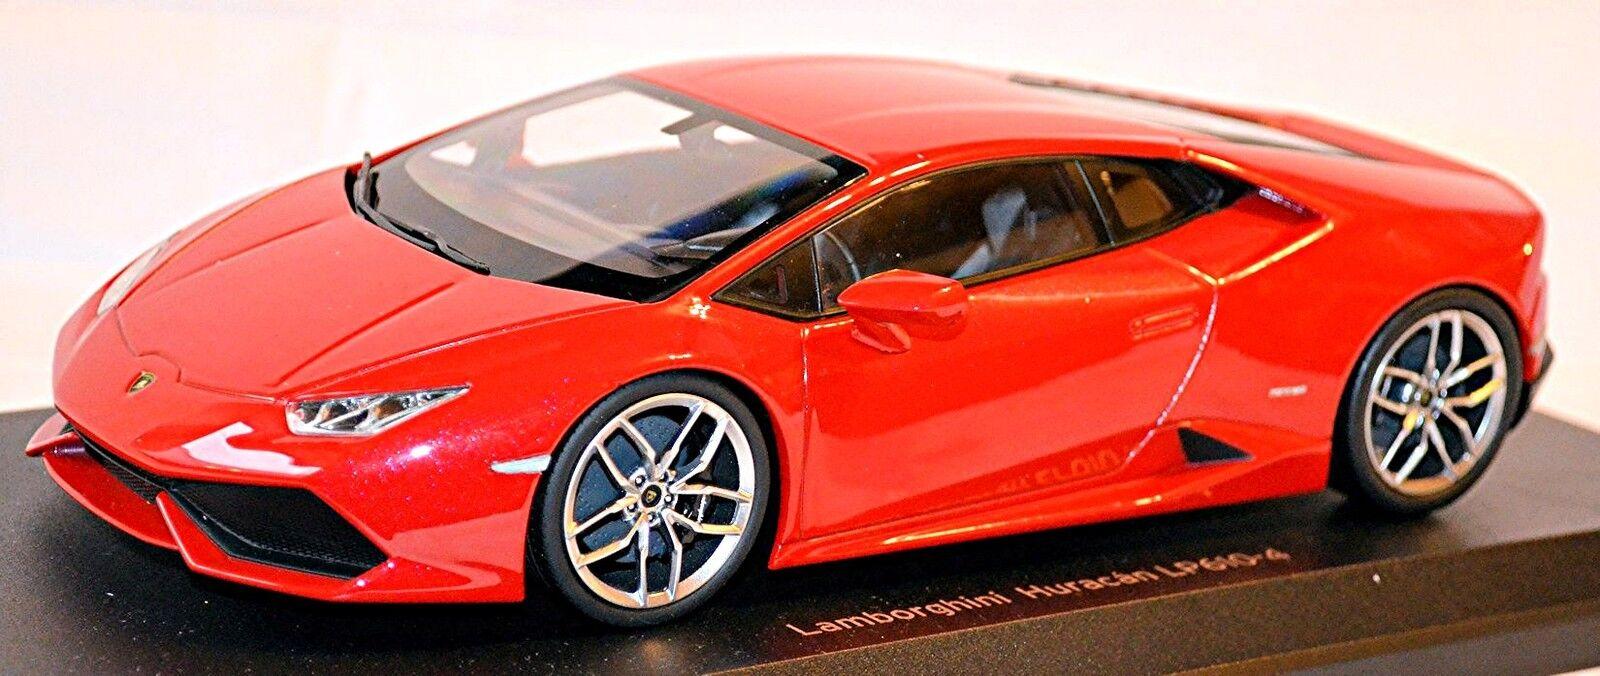 merce di alta qualità e servizio conveniente e onesto Lamborghini Huracan lp610-4 COUPE 2014-16 ROSSO rosso METtuttiIC METtuttiIC METtuttiIC 1 18 KYOSHO  negozio online